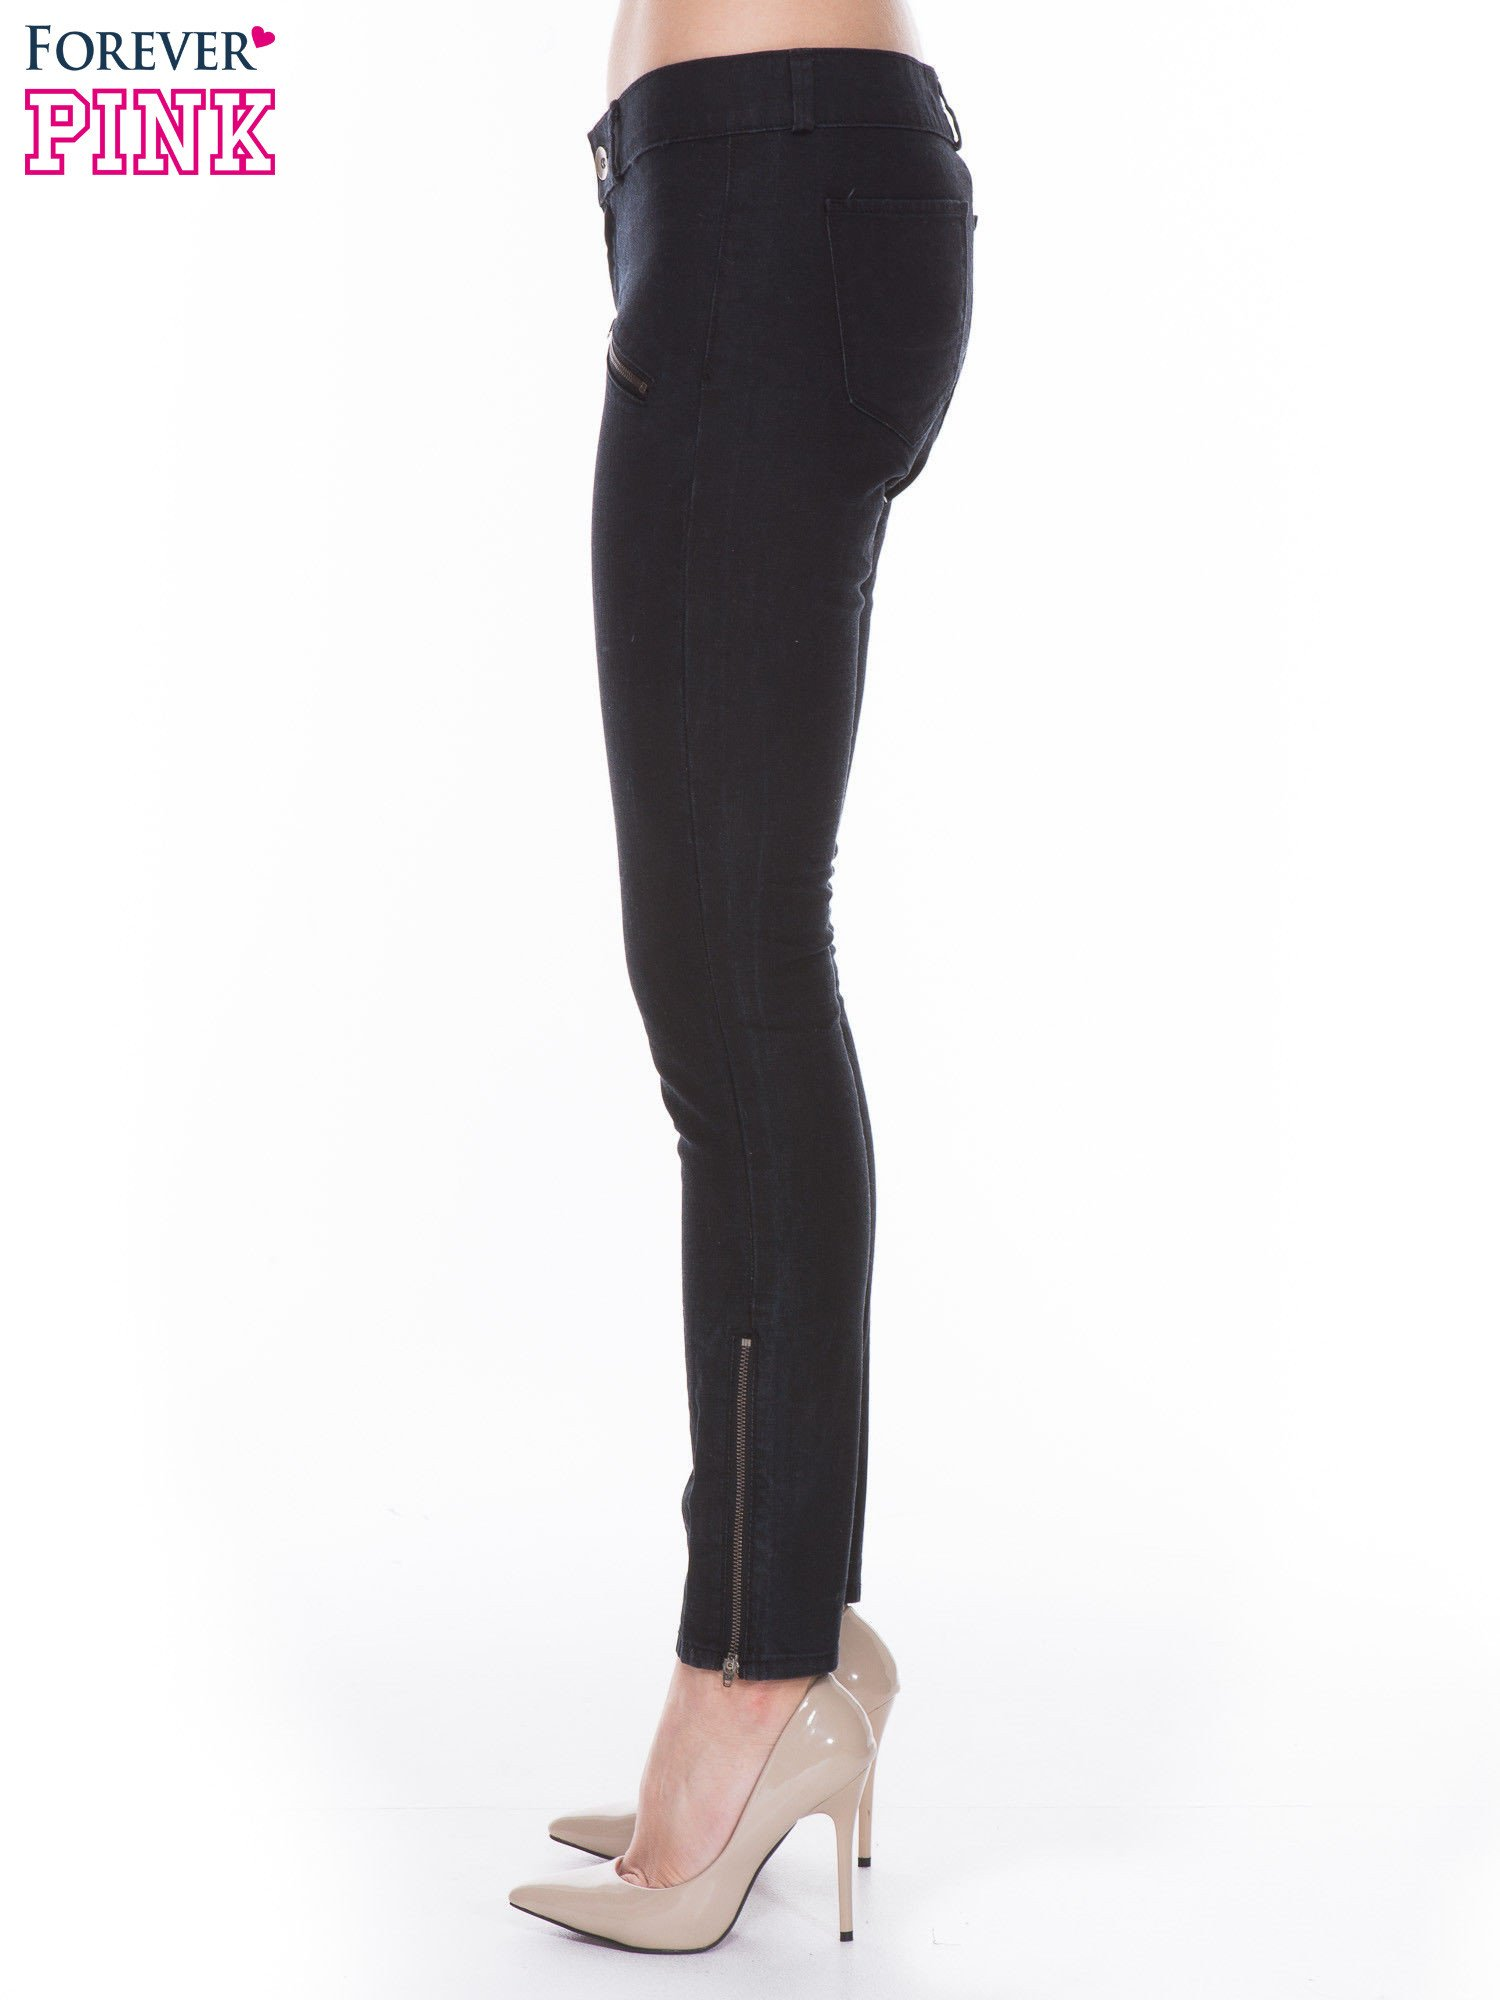 Czarne spodnie jeansowe typu skinny z suwakami na górze i przy nogawkach                                  zdj.                                  2